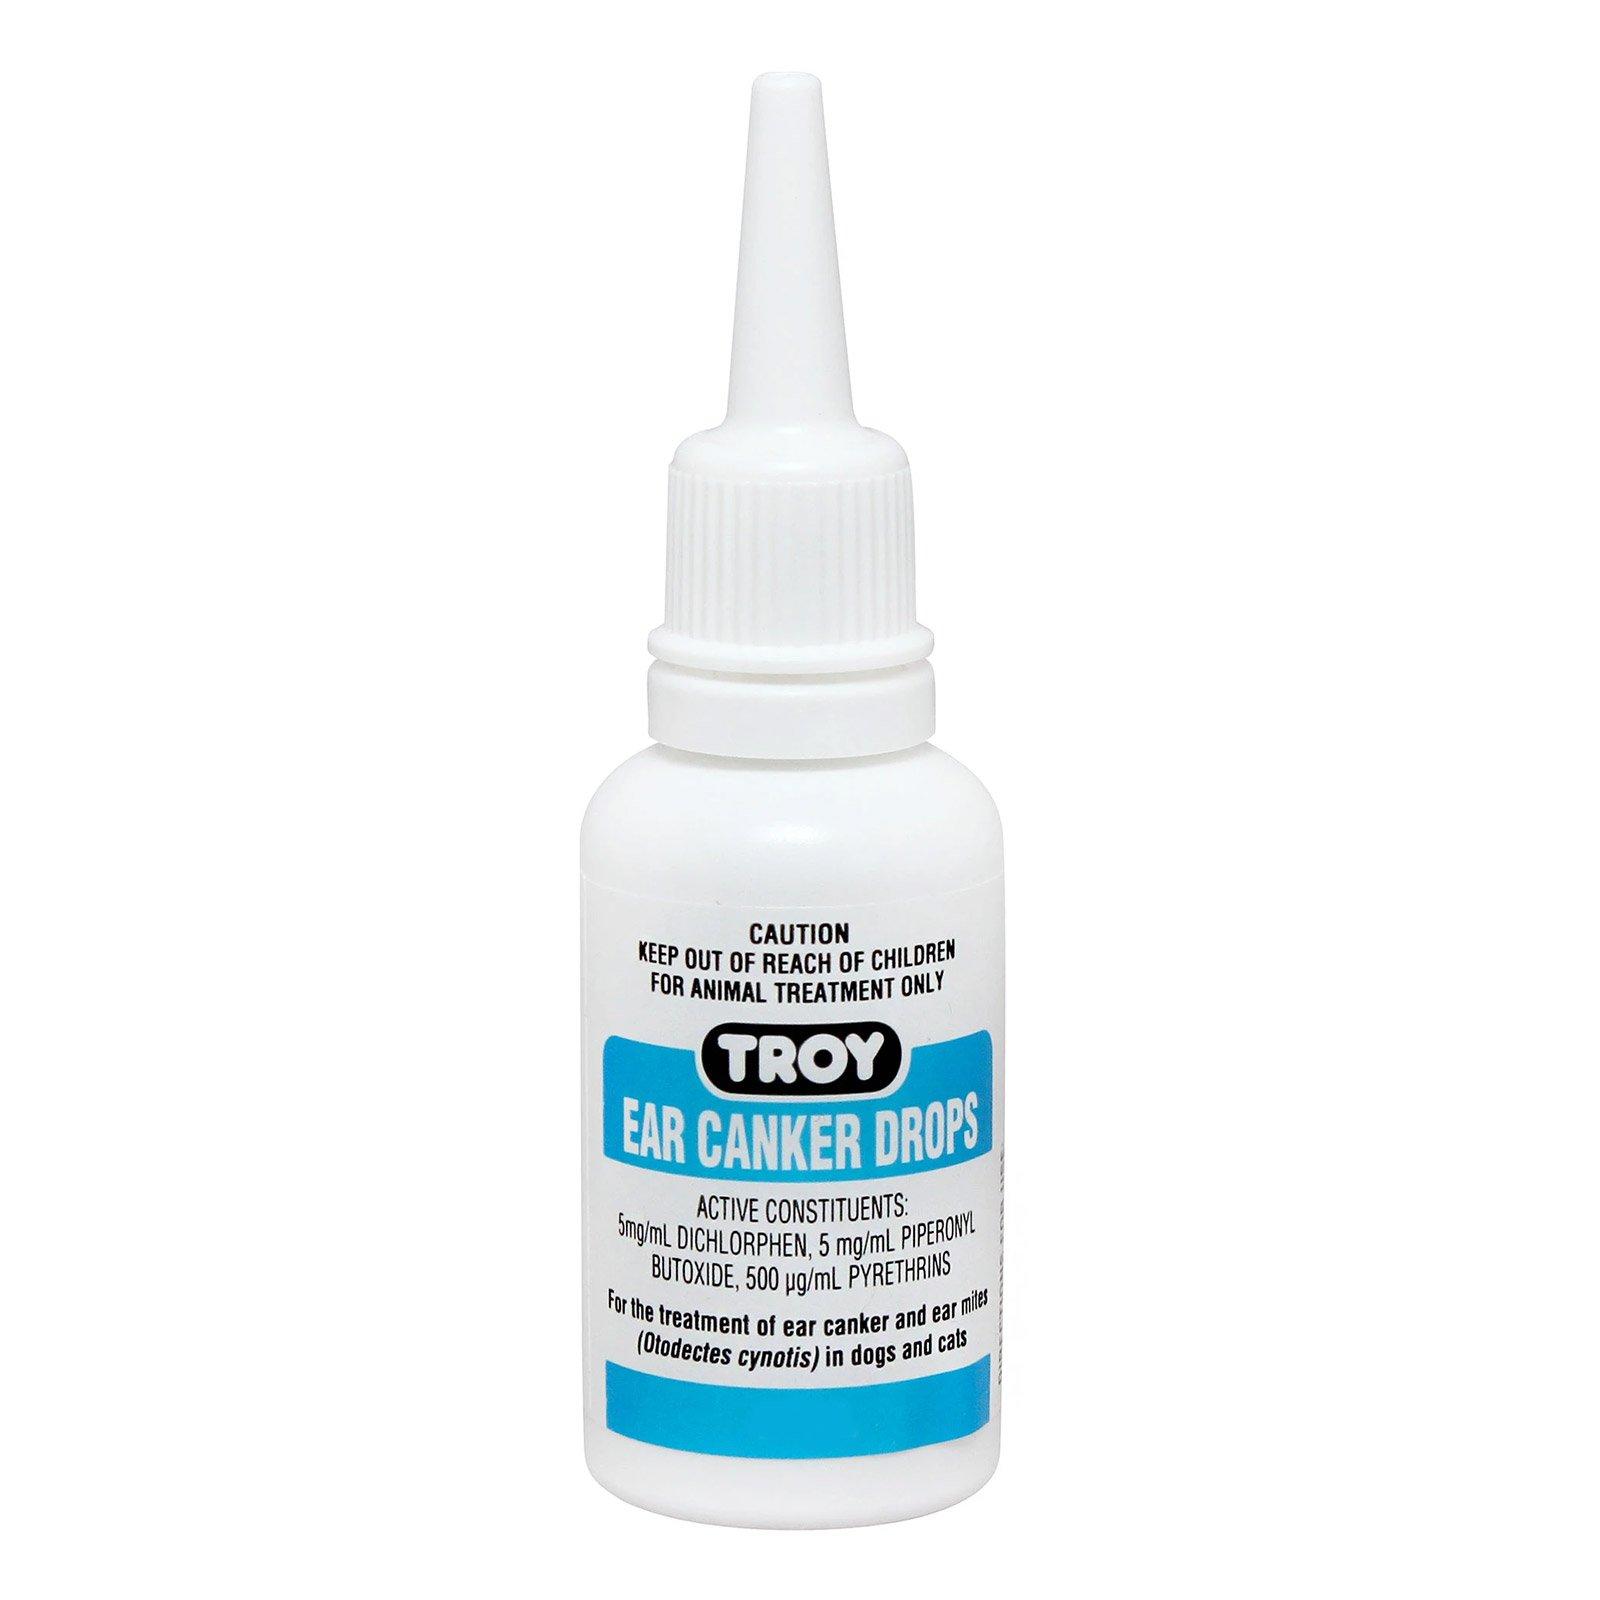 Troy Ear Canker Drops